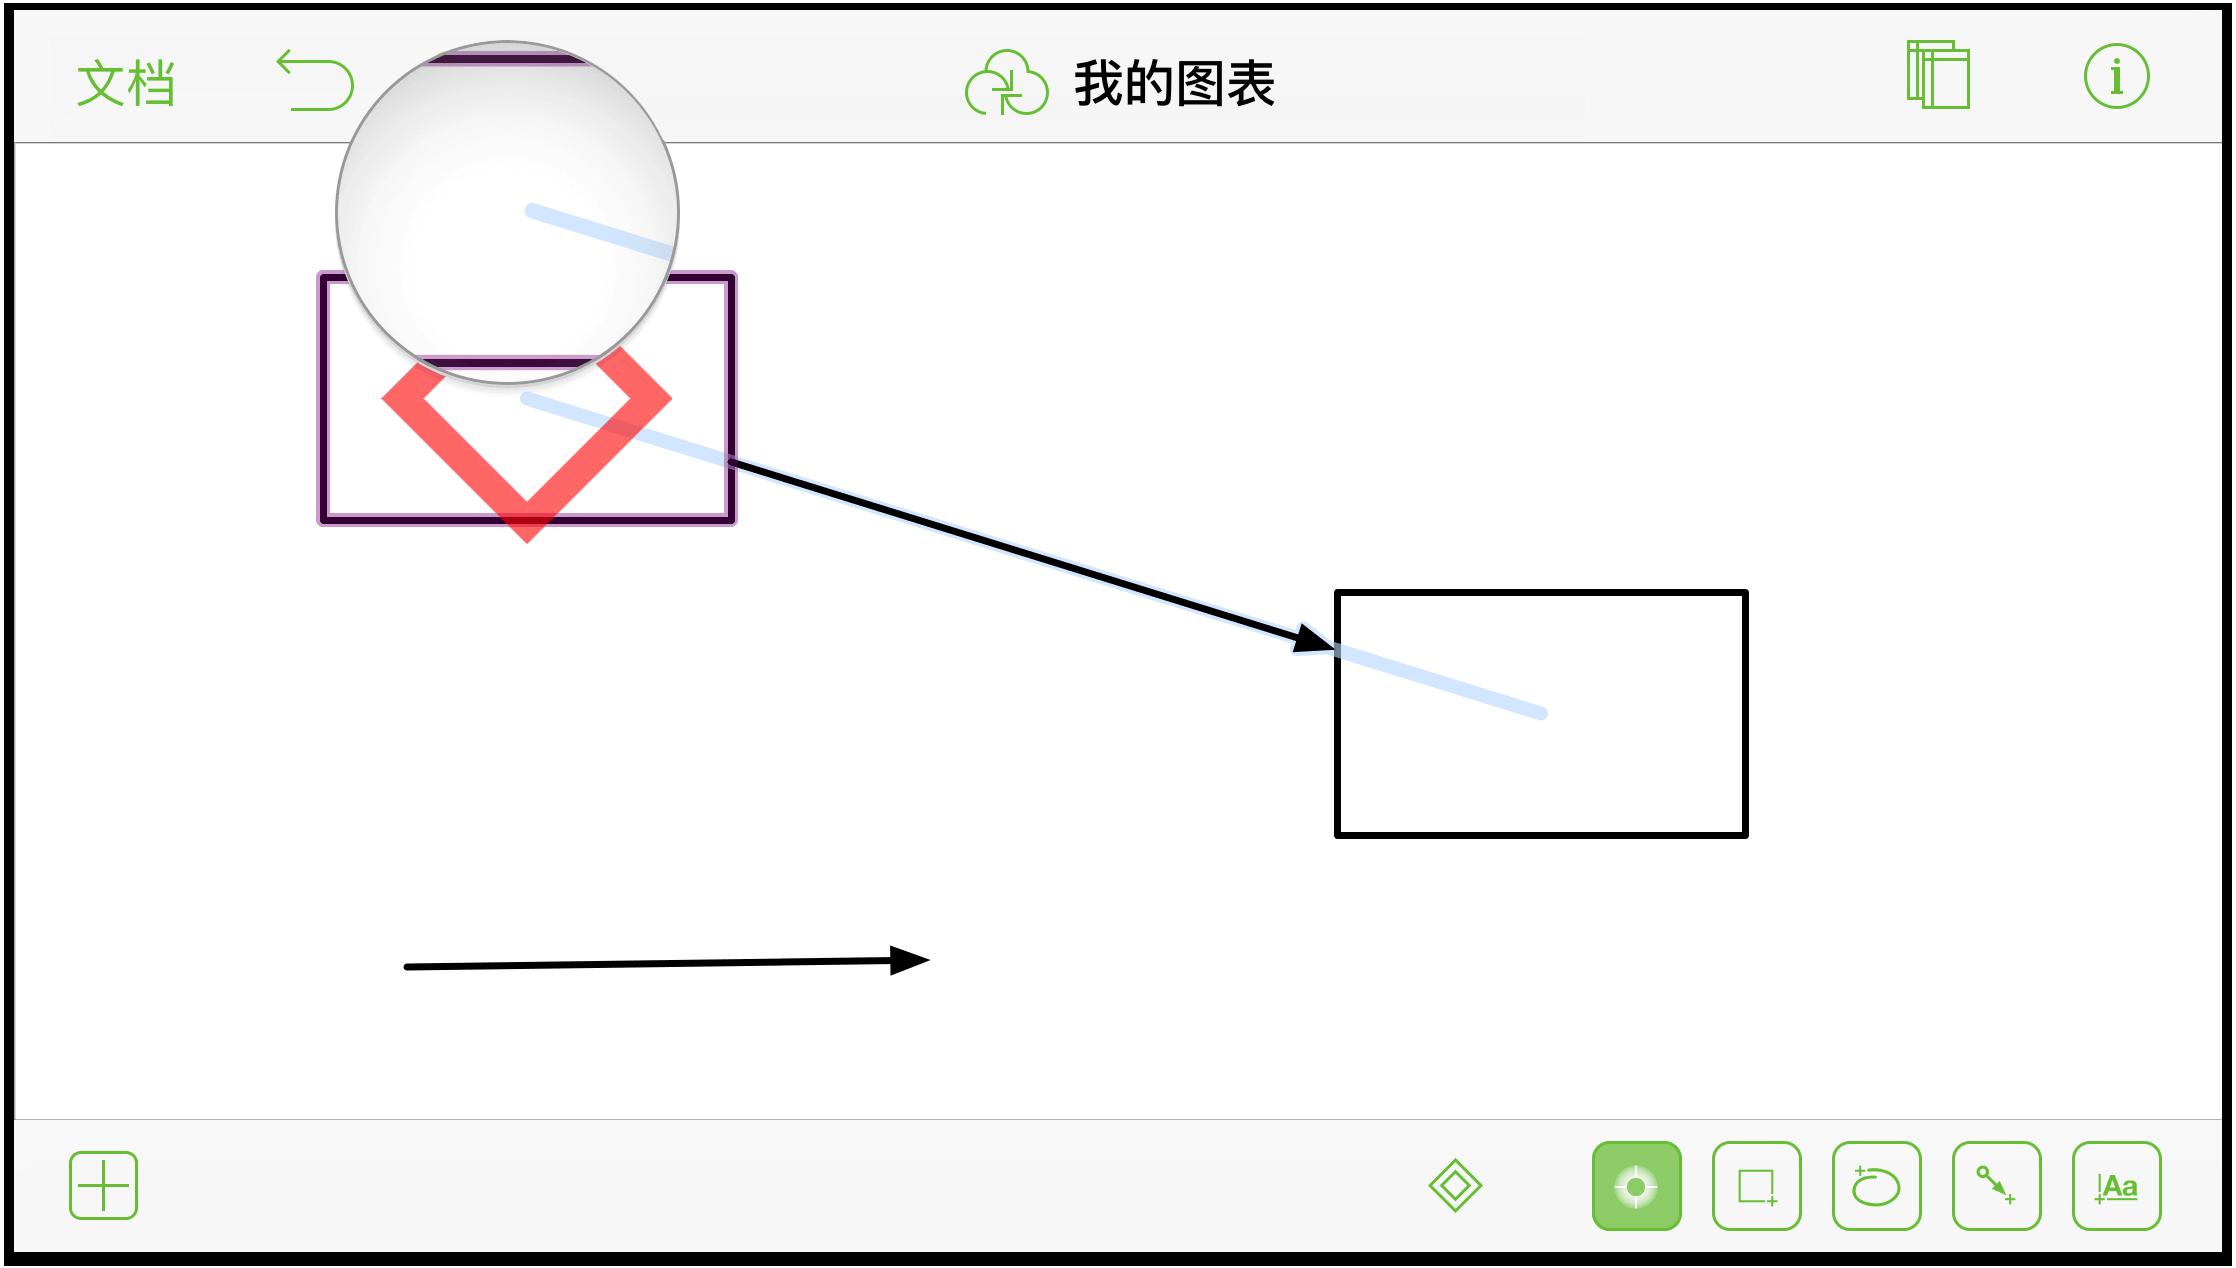 将线条终点拖动到其他位置